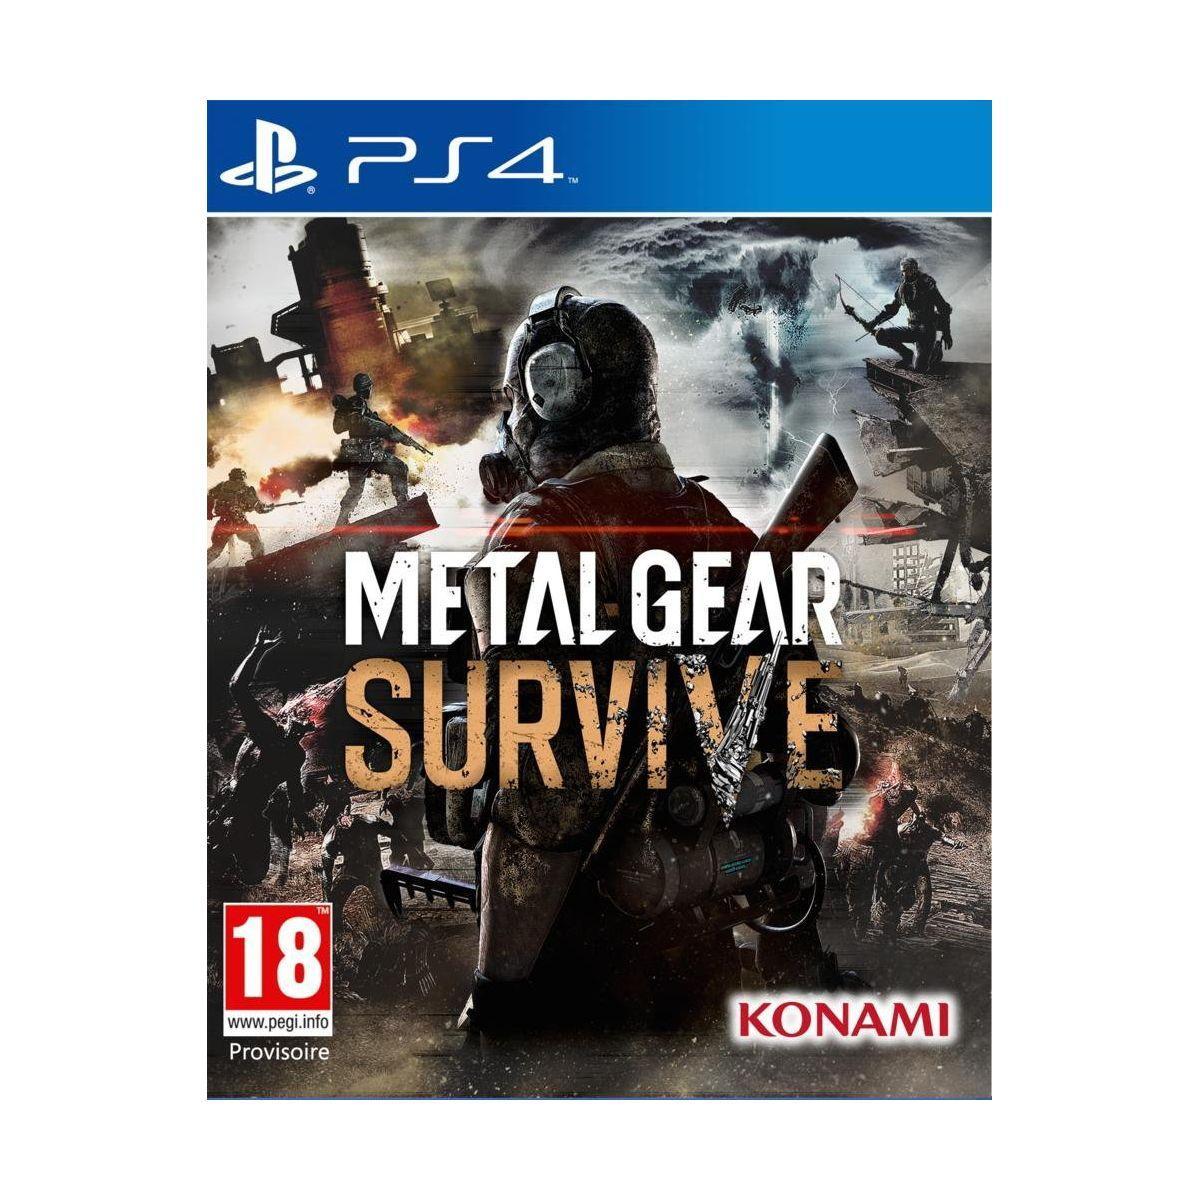 Jeu ps4 konami metal gear survive (photo)